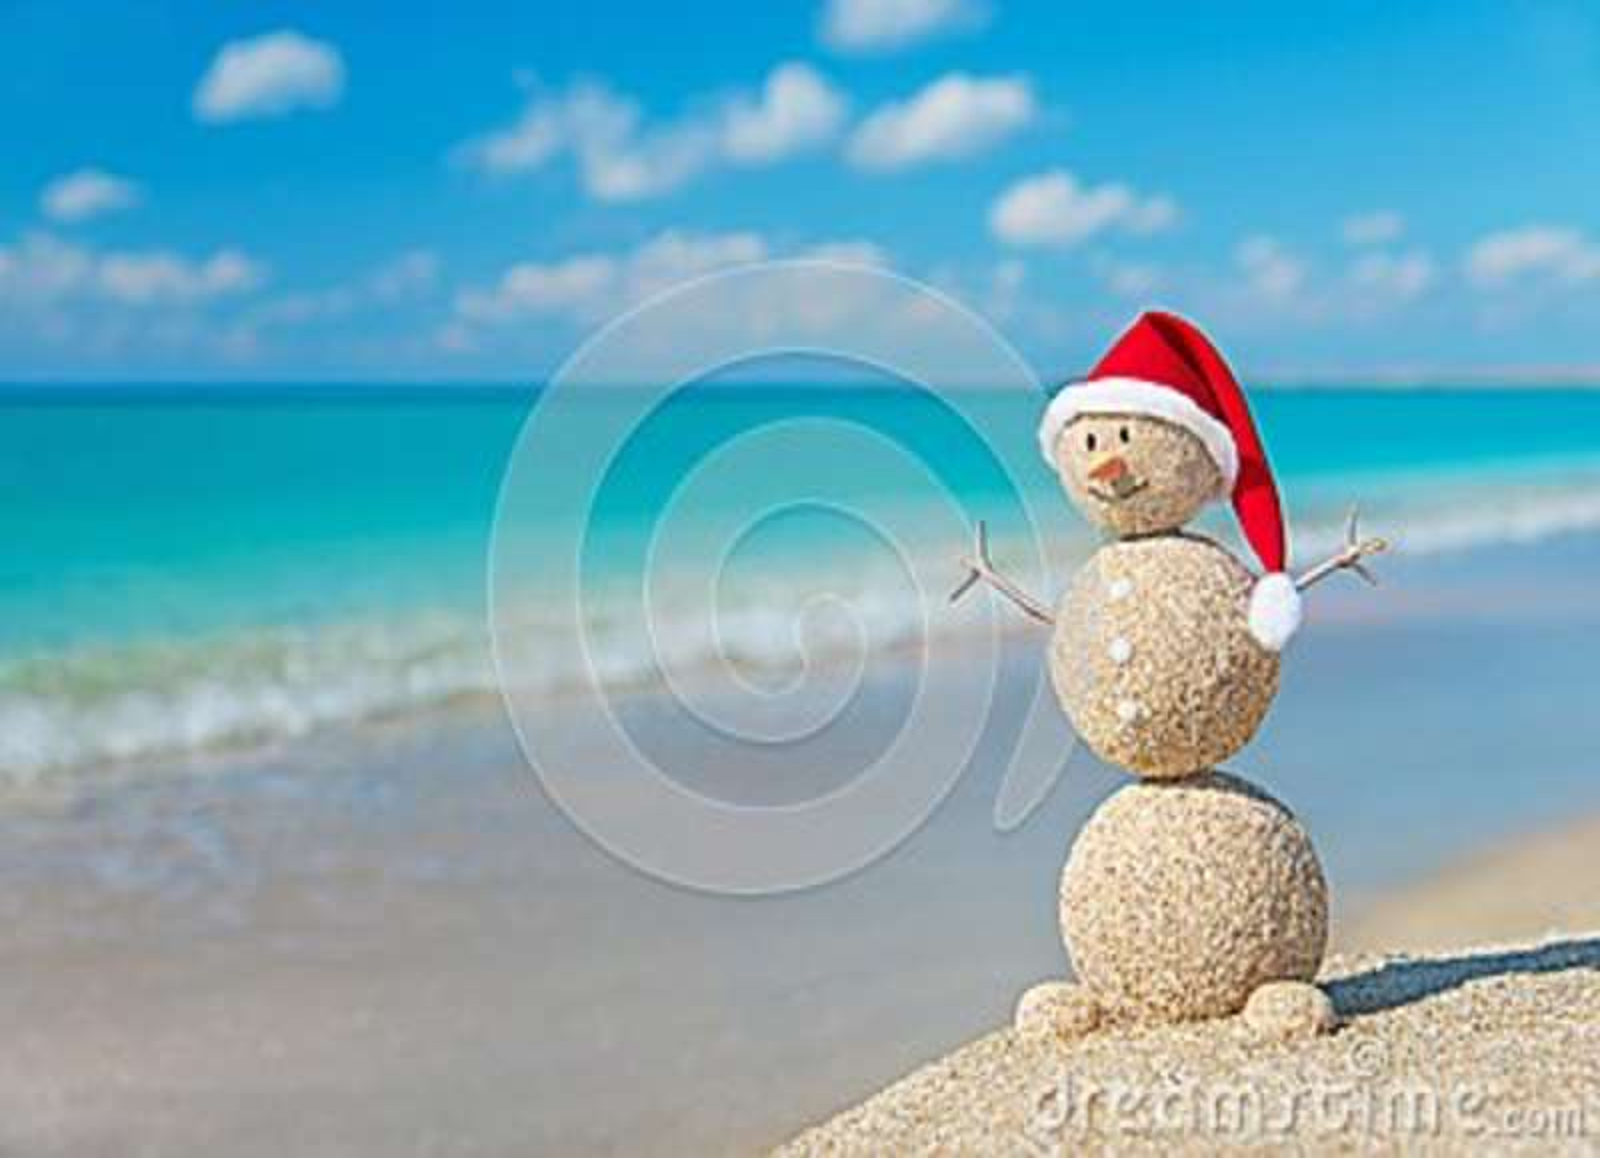 Christmas snowman in santa hat at tropical ocean beach